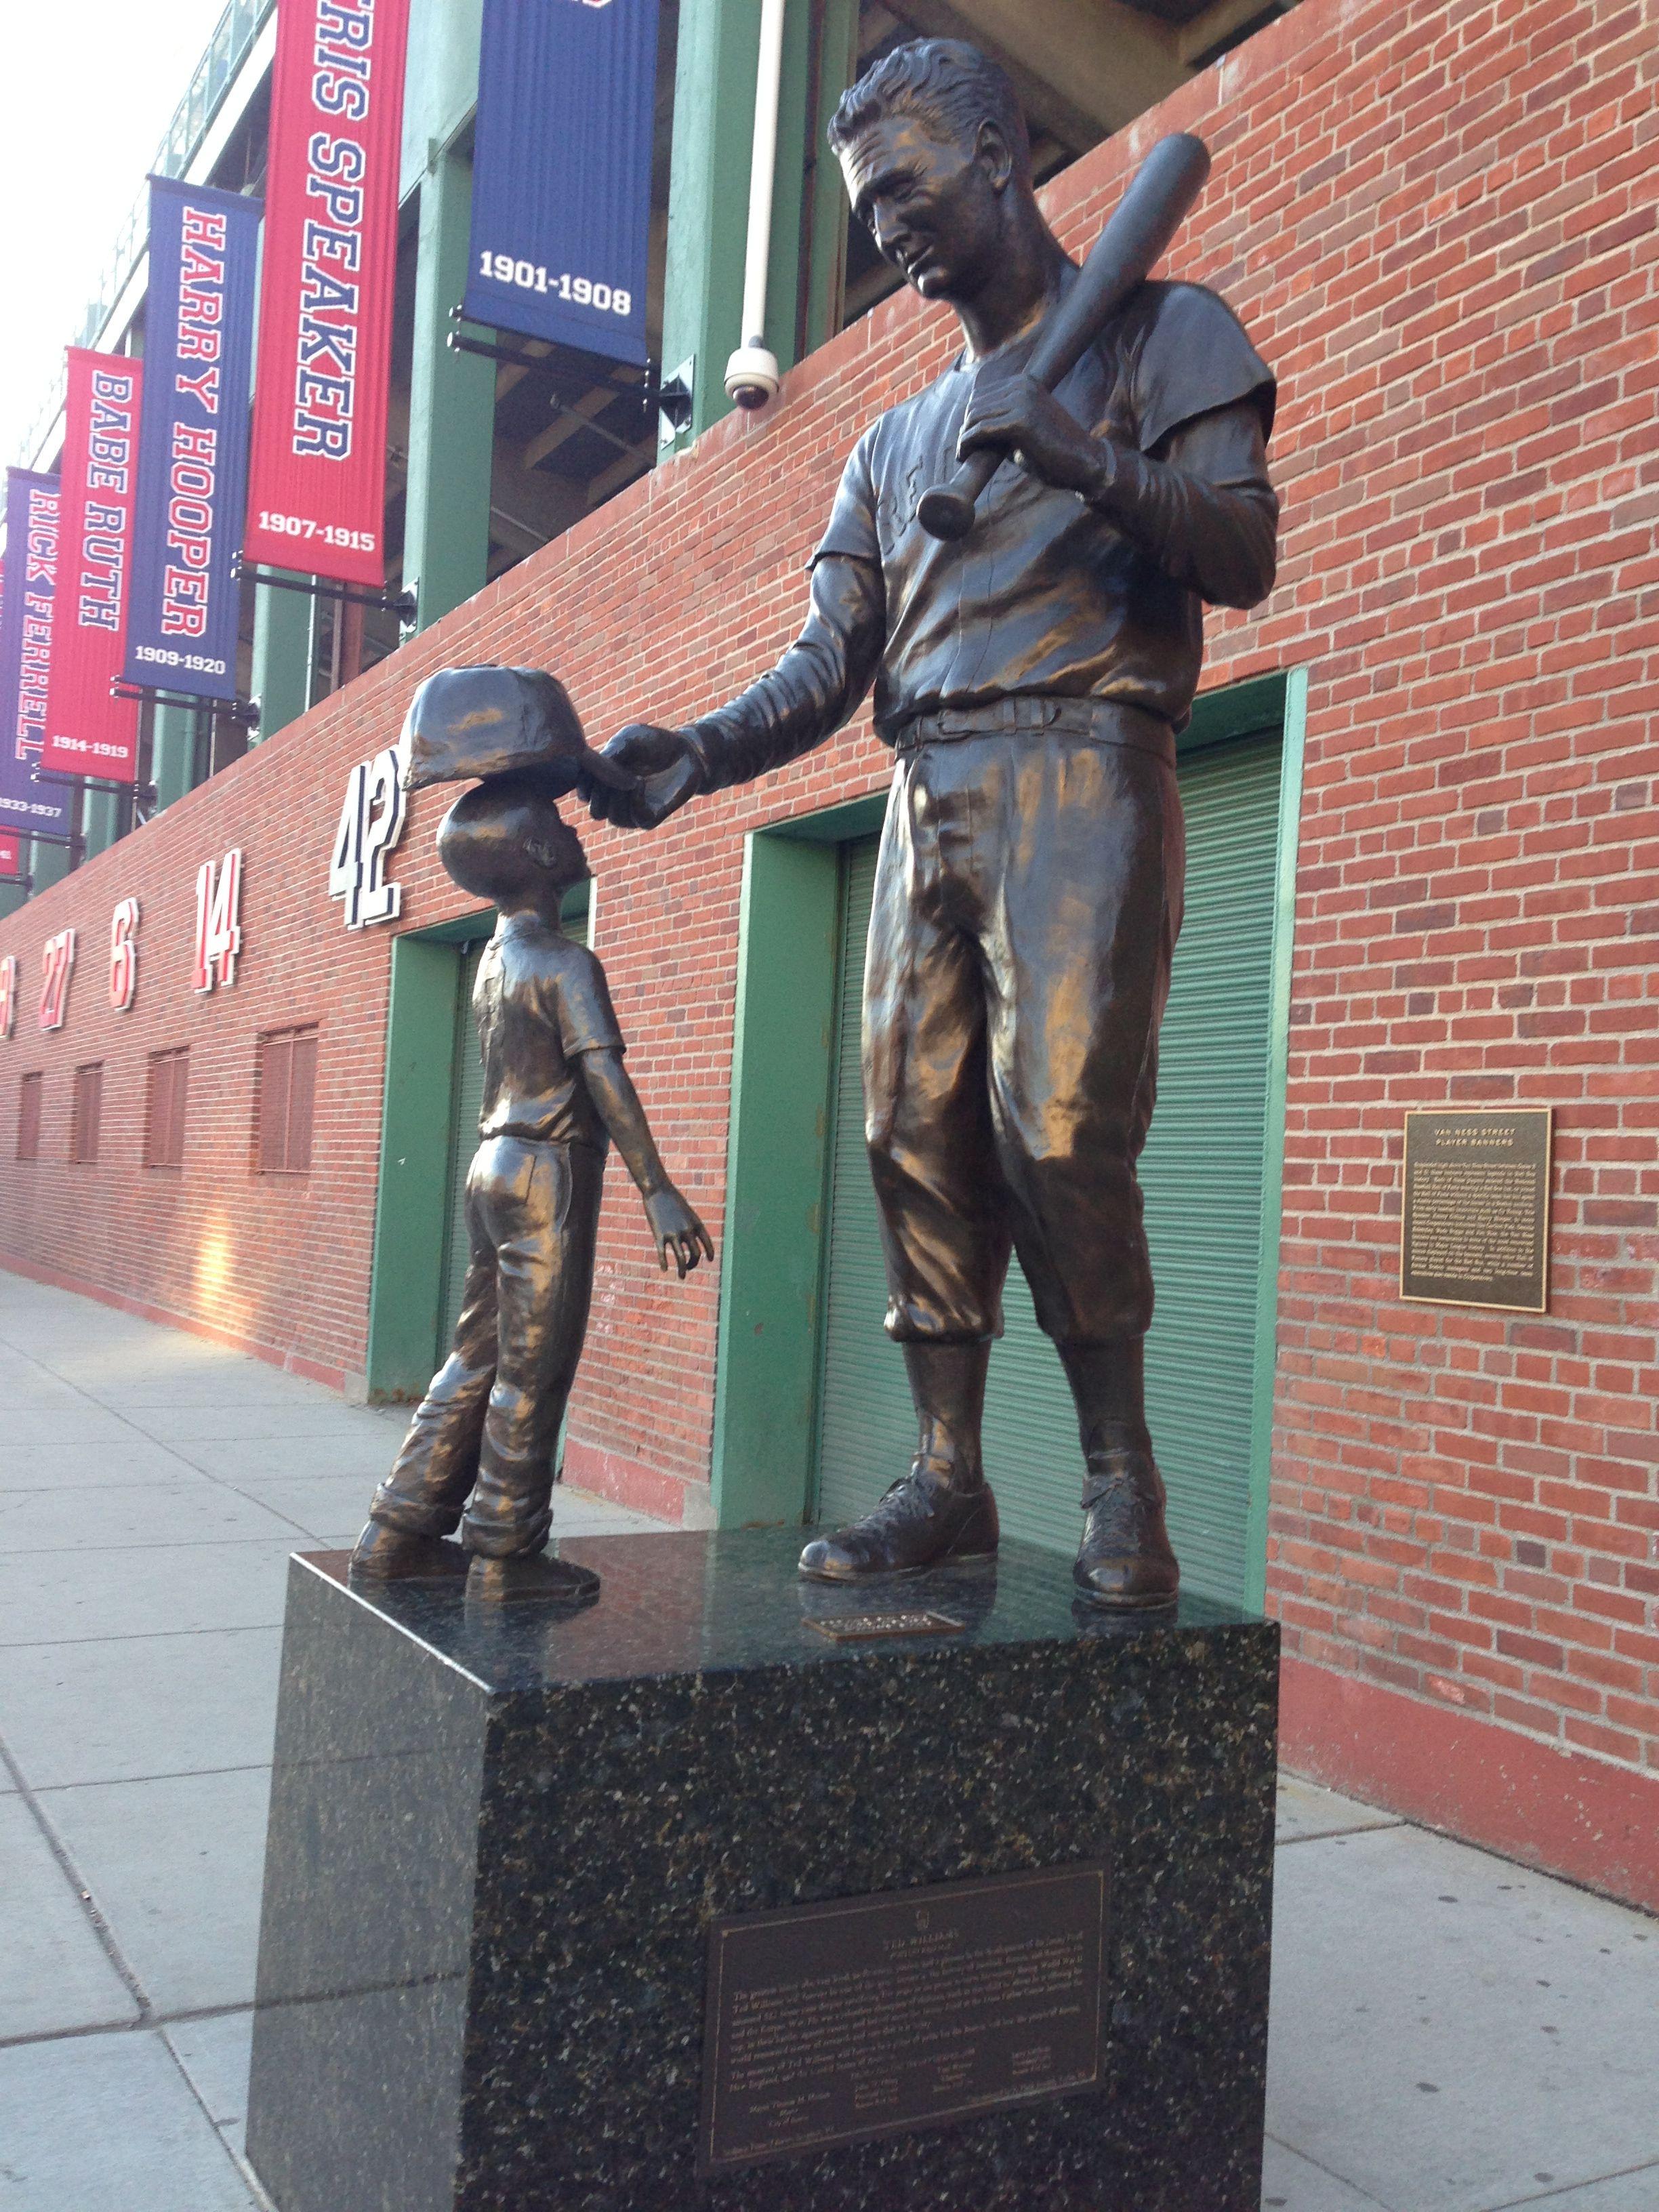 Statue, Sculpture, Art, Landmark